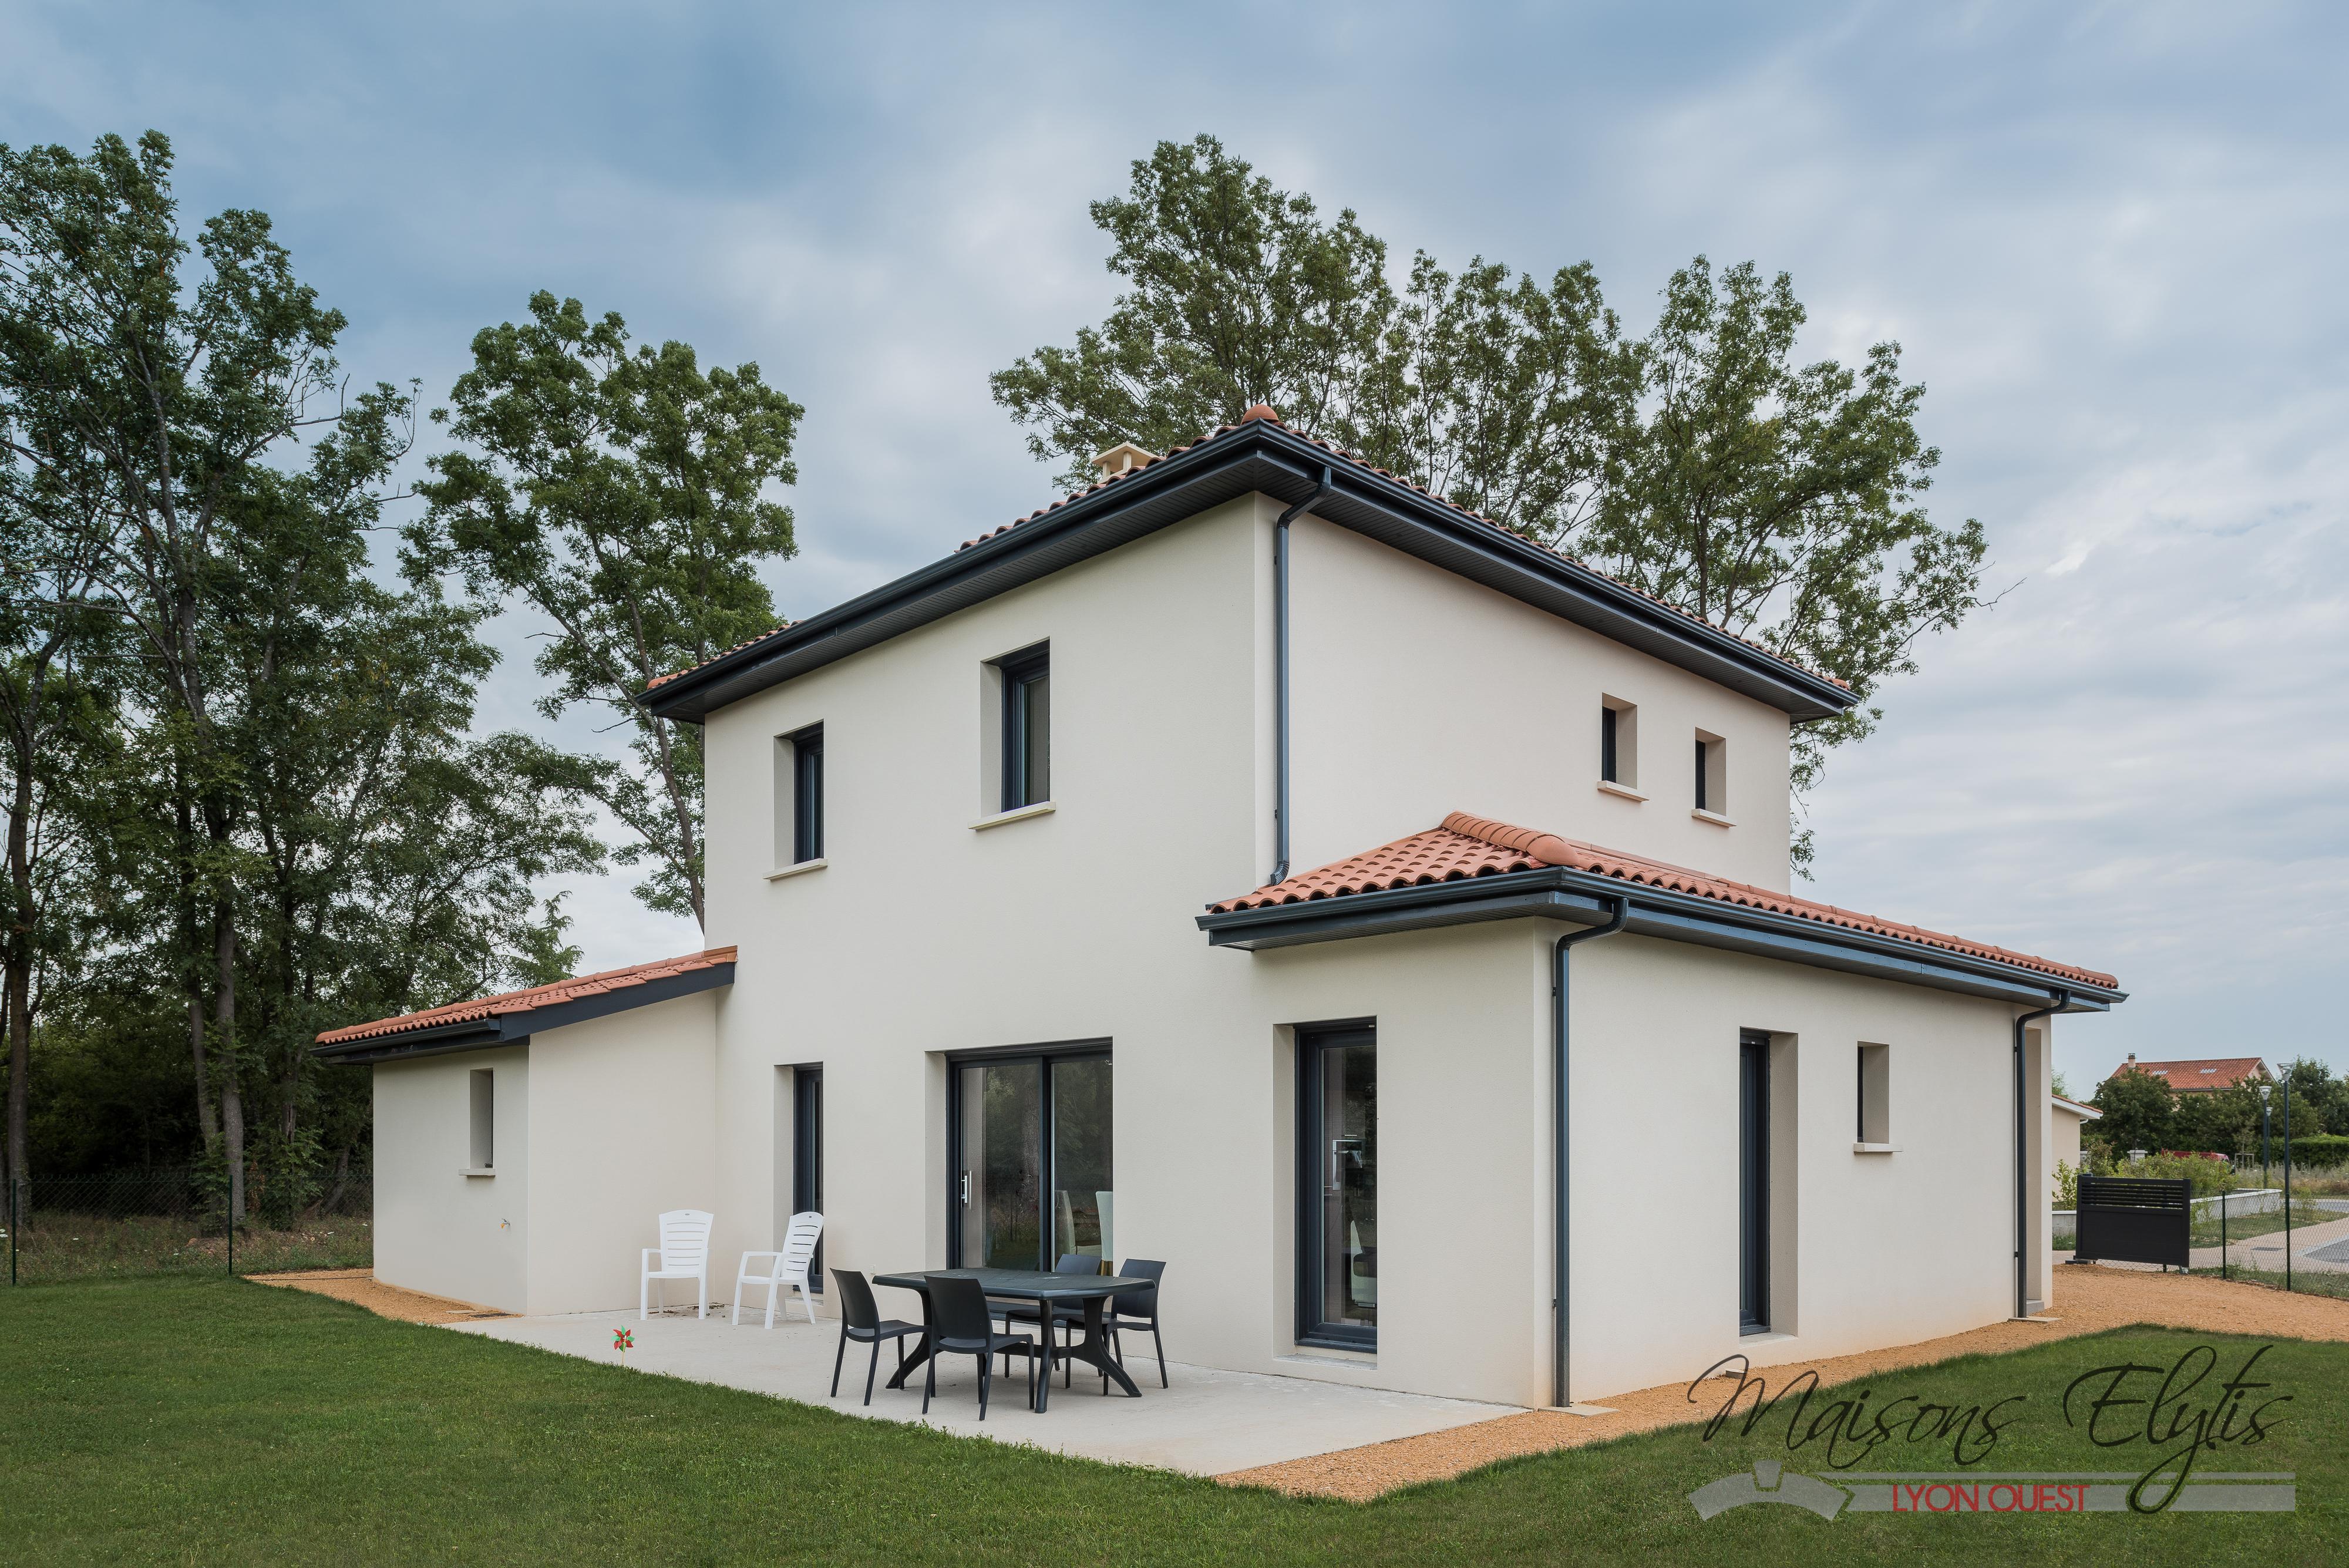 Maisons passives maisons elytis lyon ouest for Constructeur maison sud est